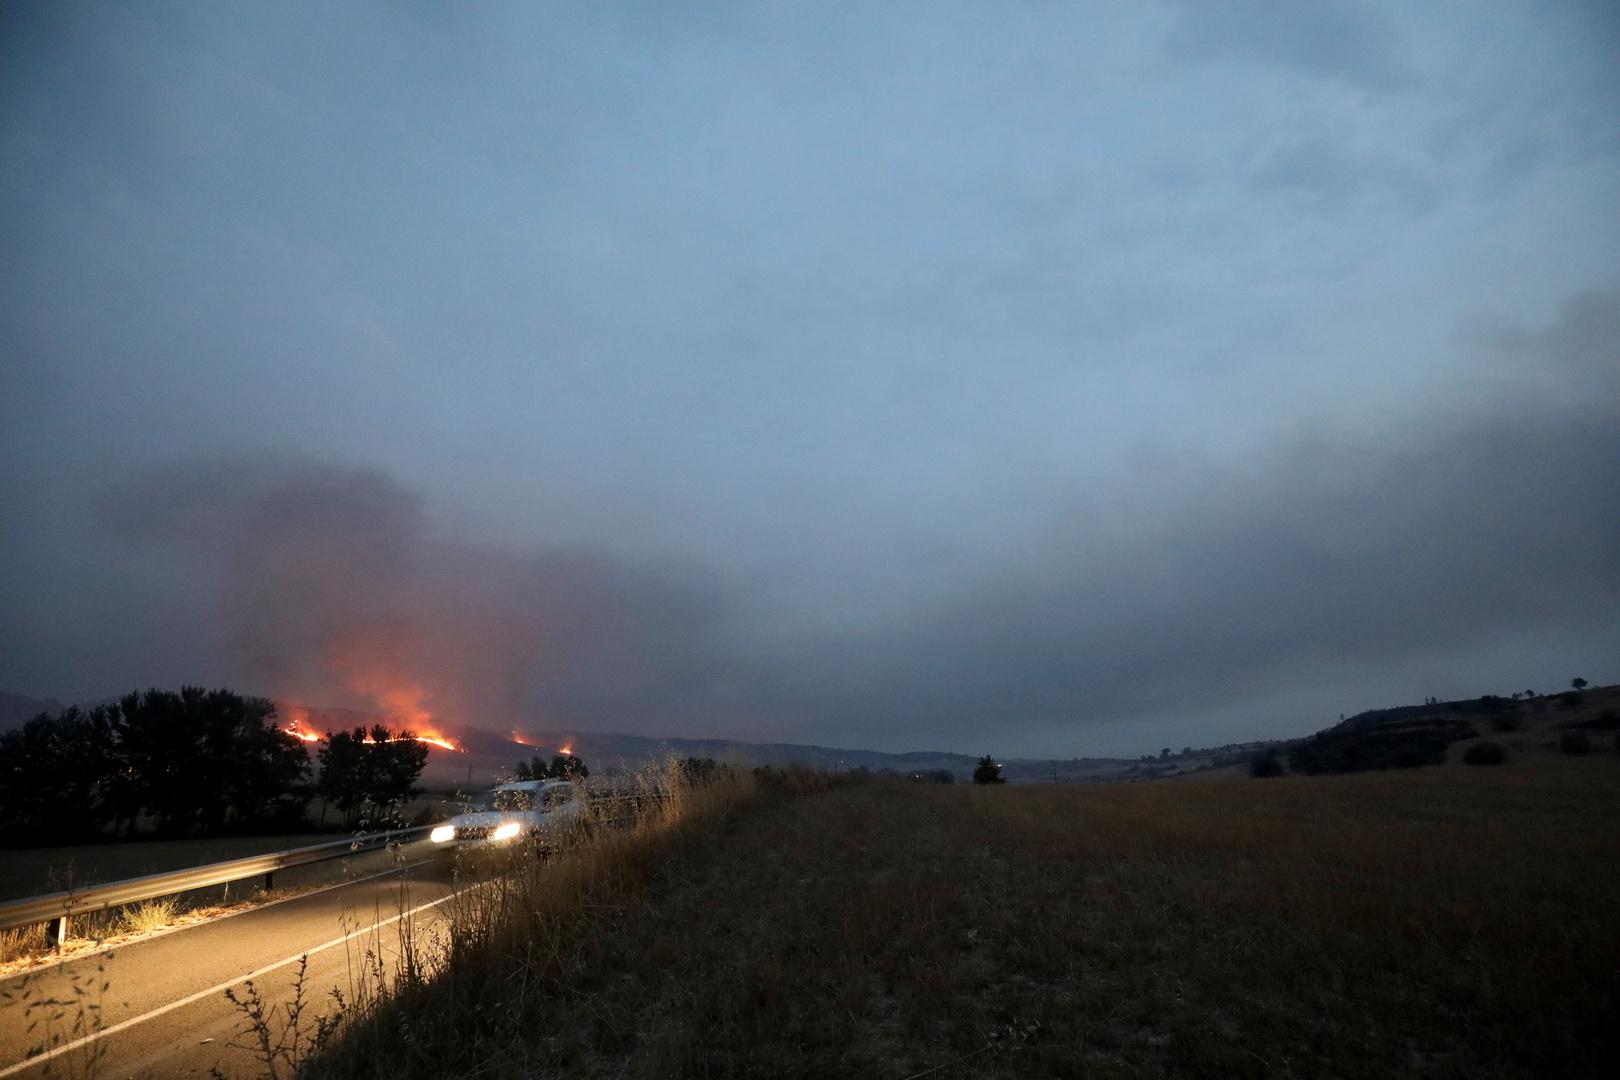 5 قتلى جراء حرائق غابات في جنوب إيطاليا